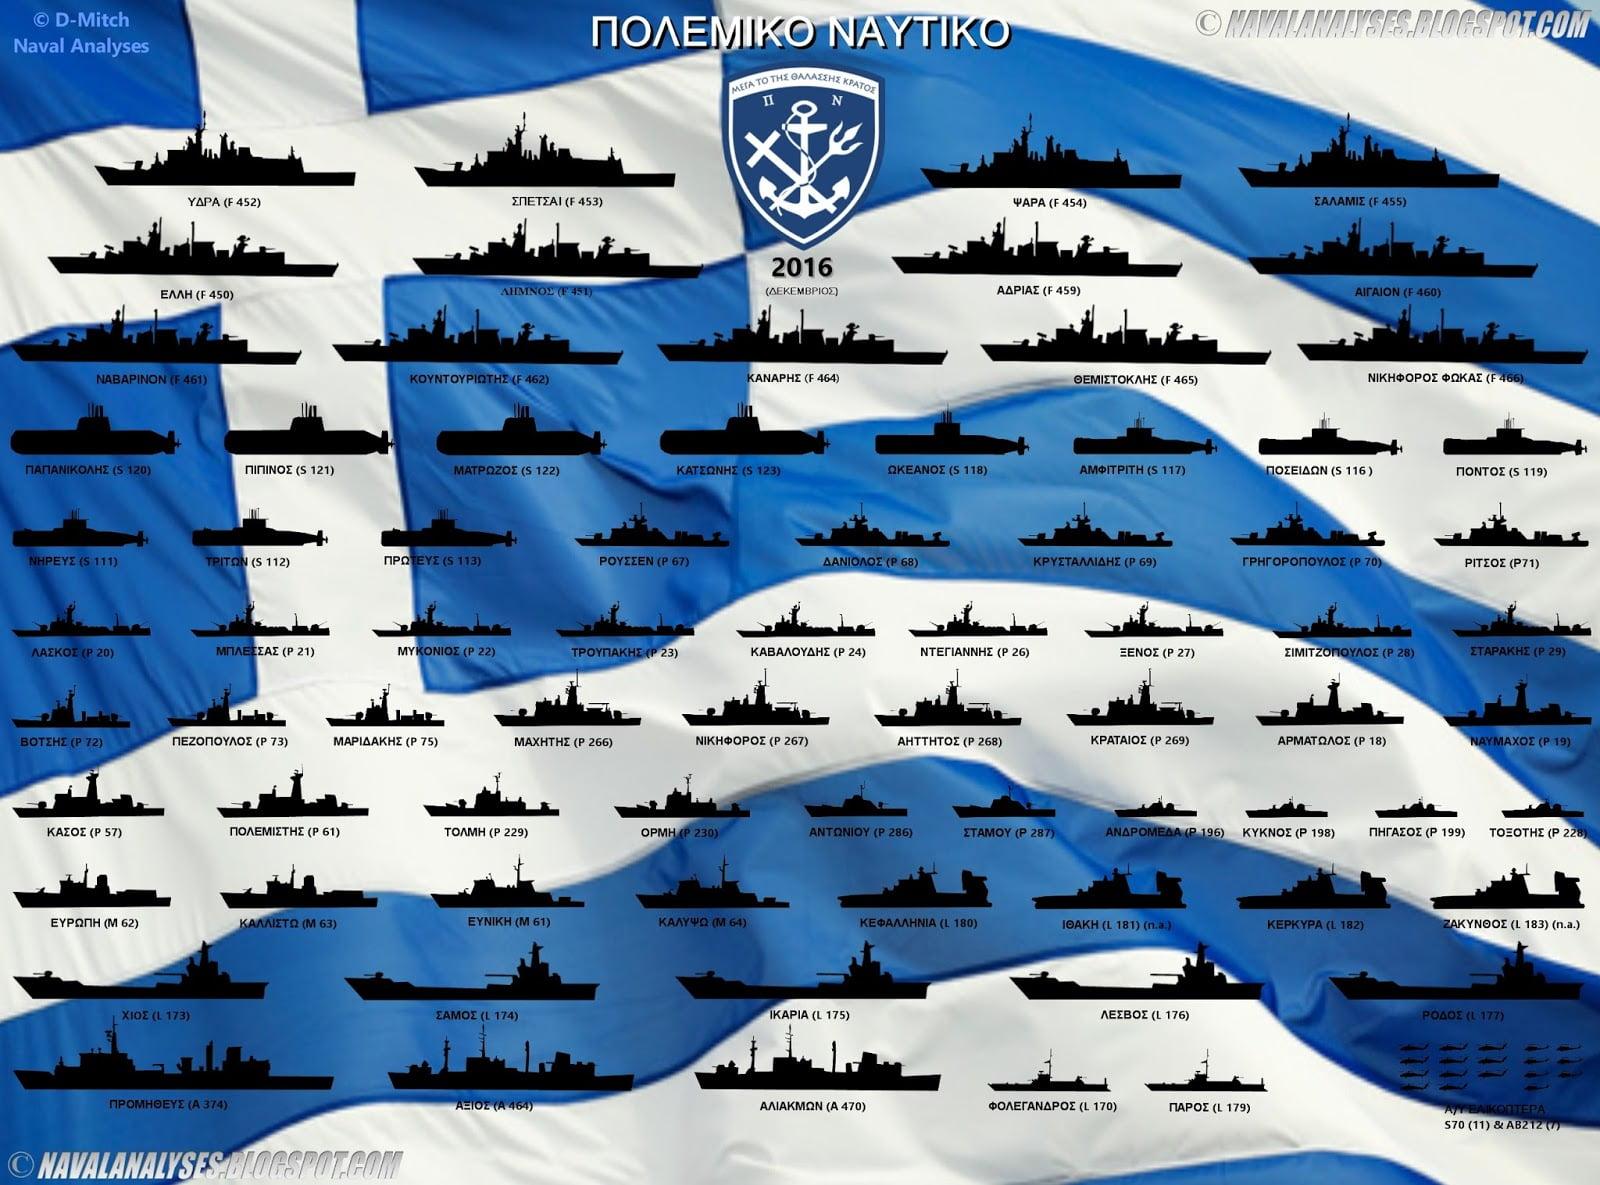 Πολεμικό Ναυτικό: Πρόγραμμα αντικατάστασης των ΑΒΑΚ με νέα ταχύπλοα σκάφη